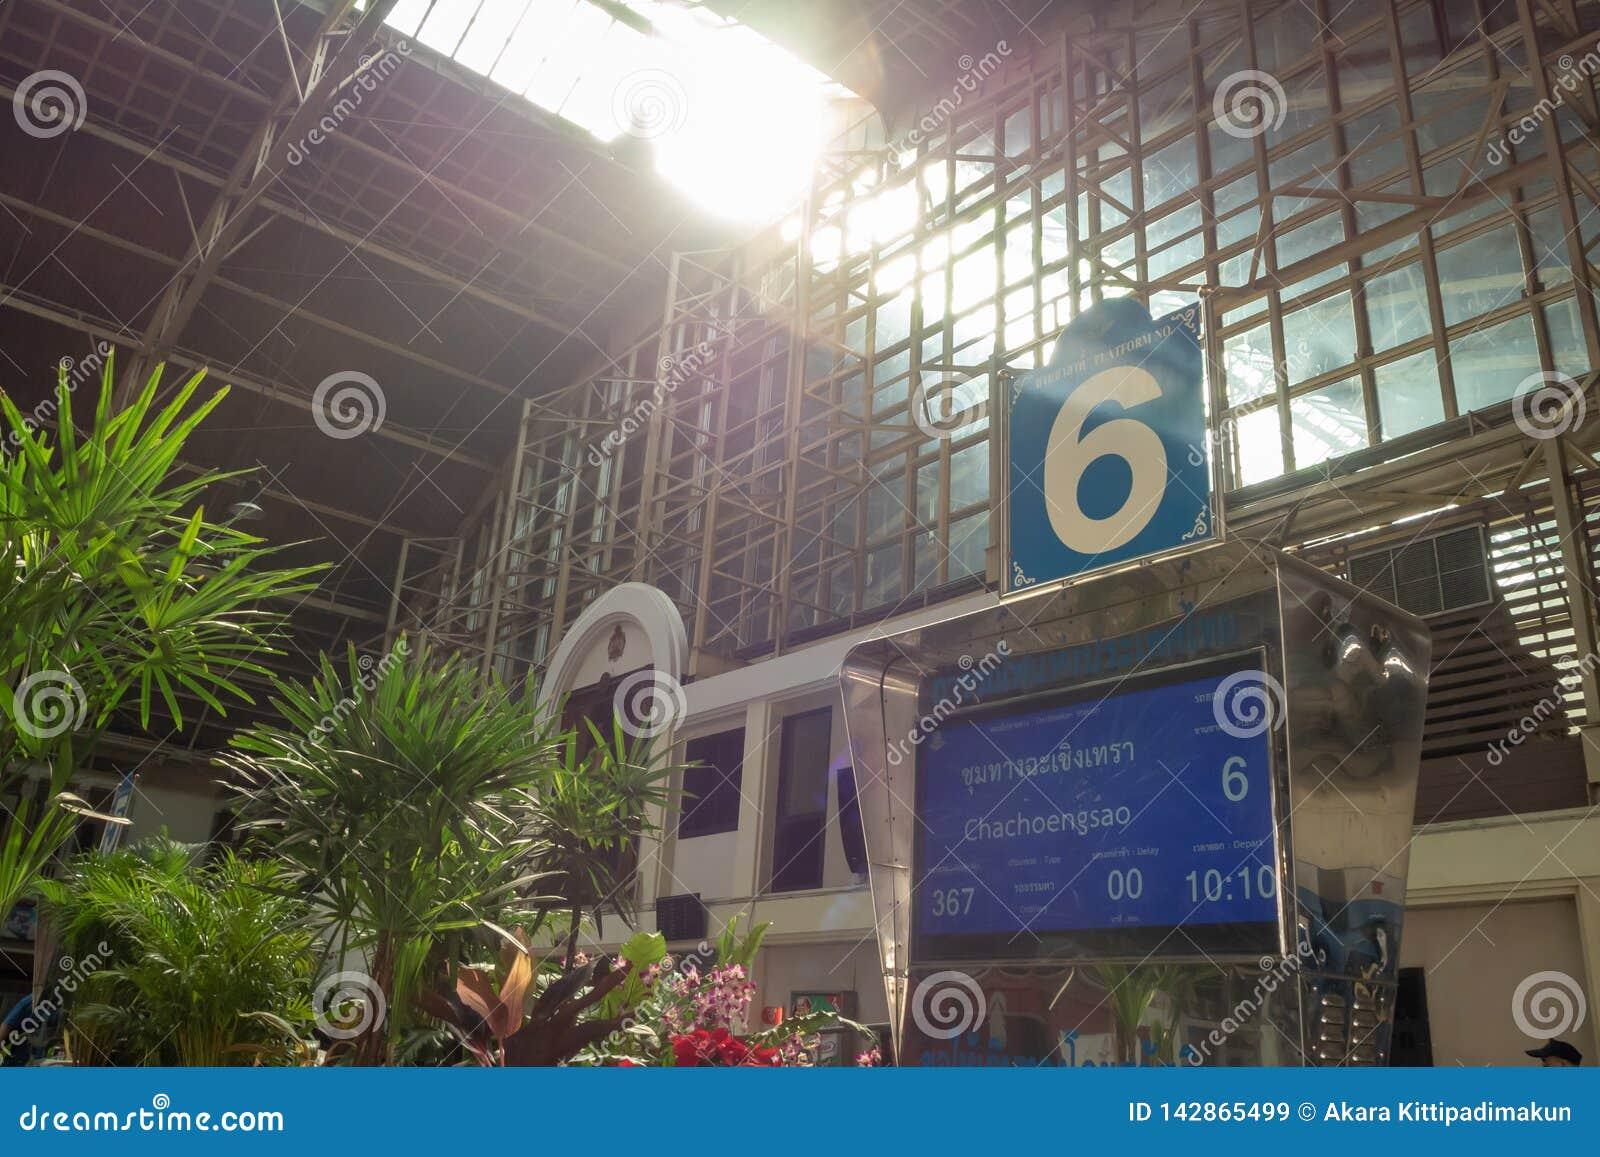 Platform nummer 6 in het Station